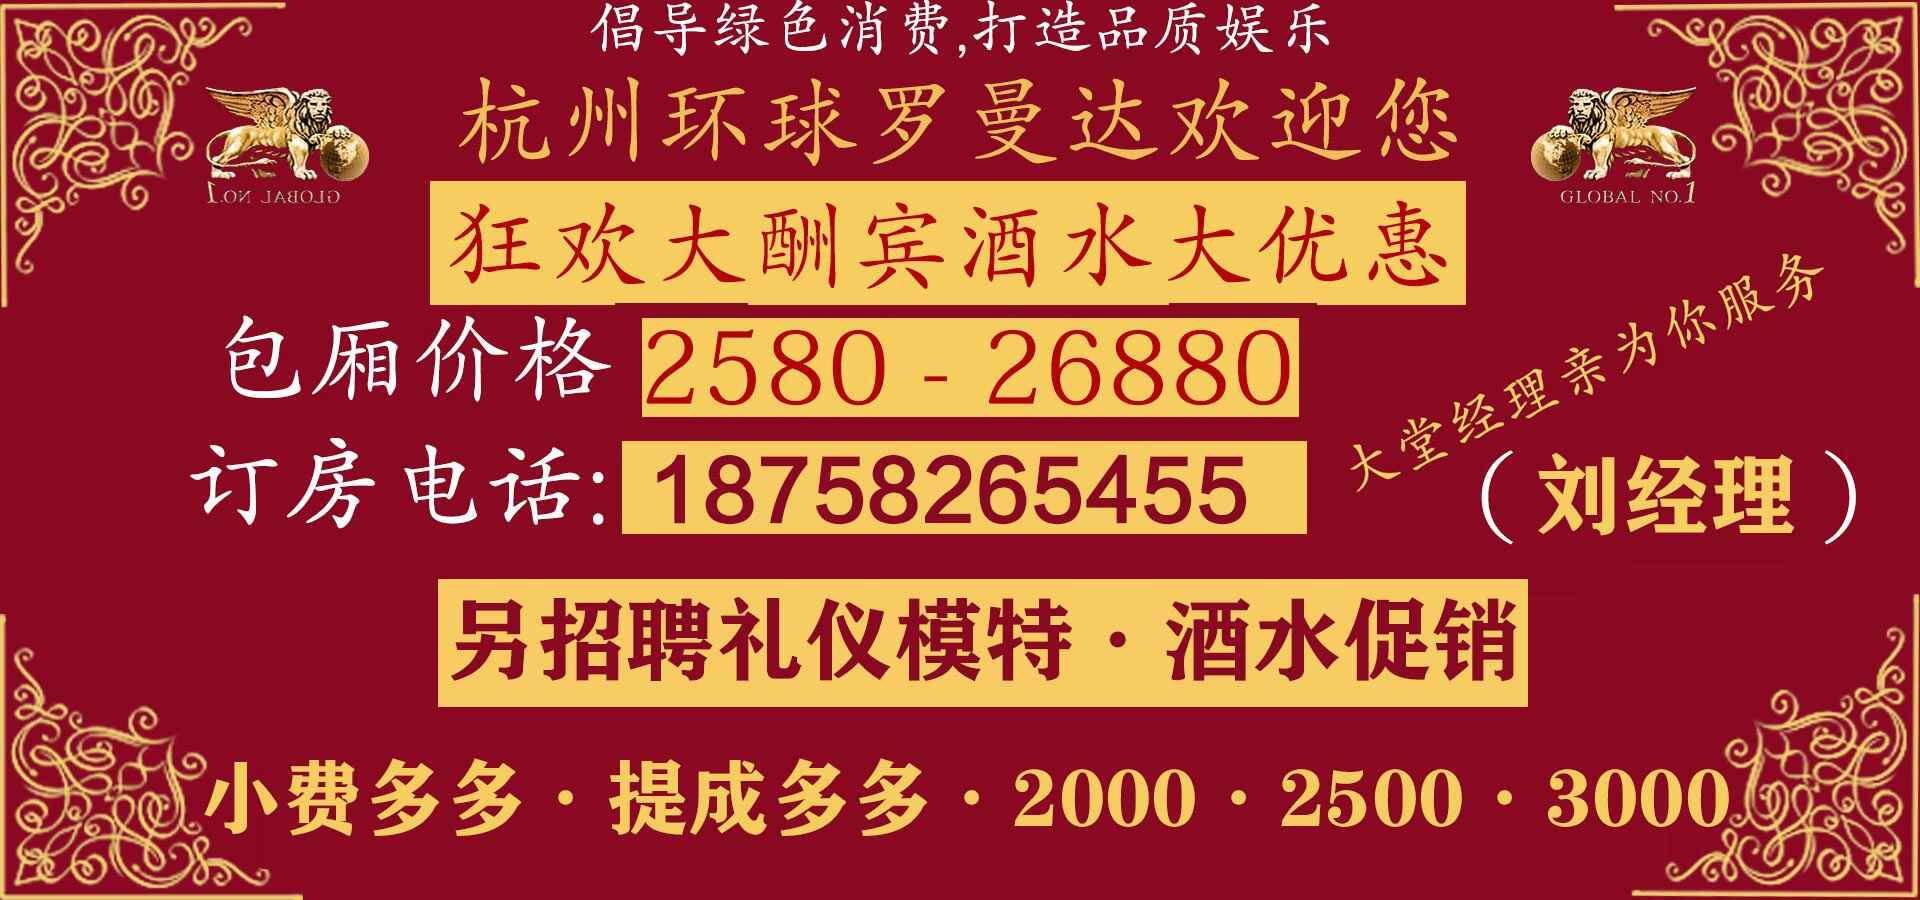 杭州罗曼达订房